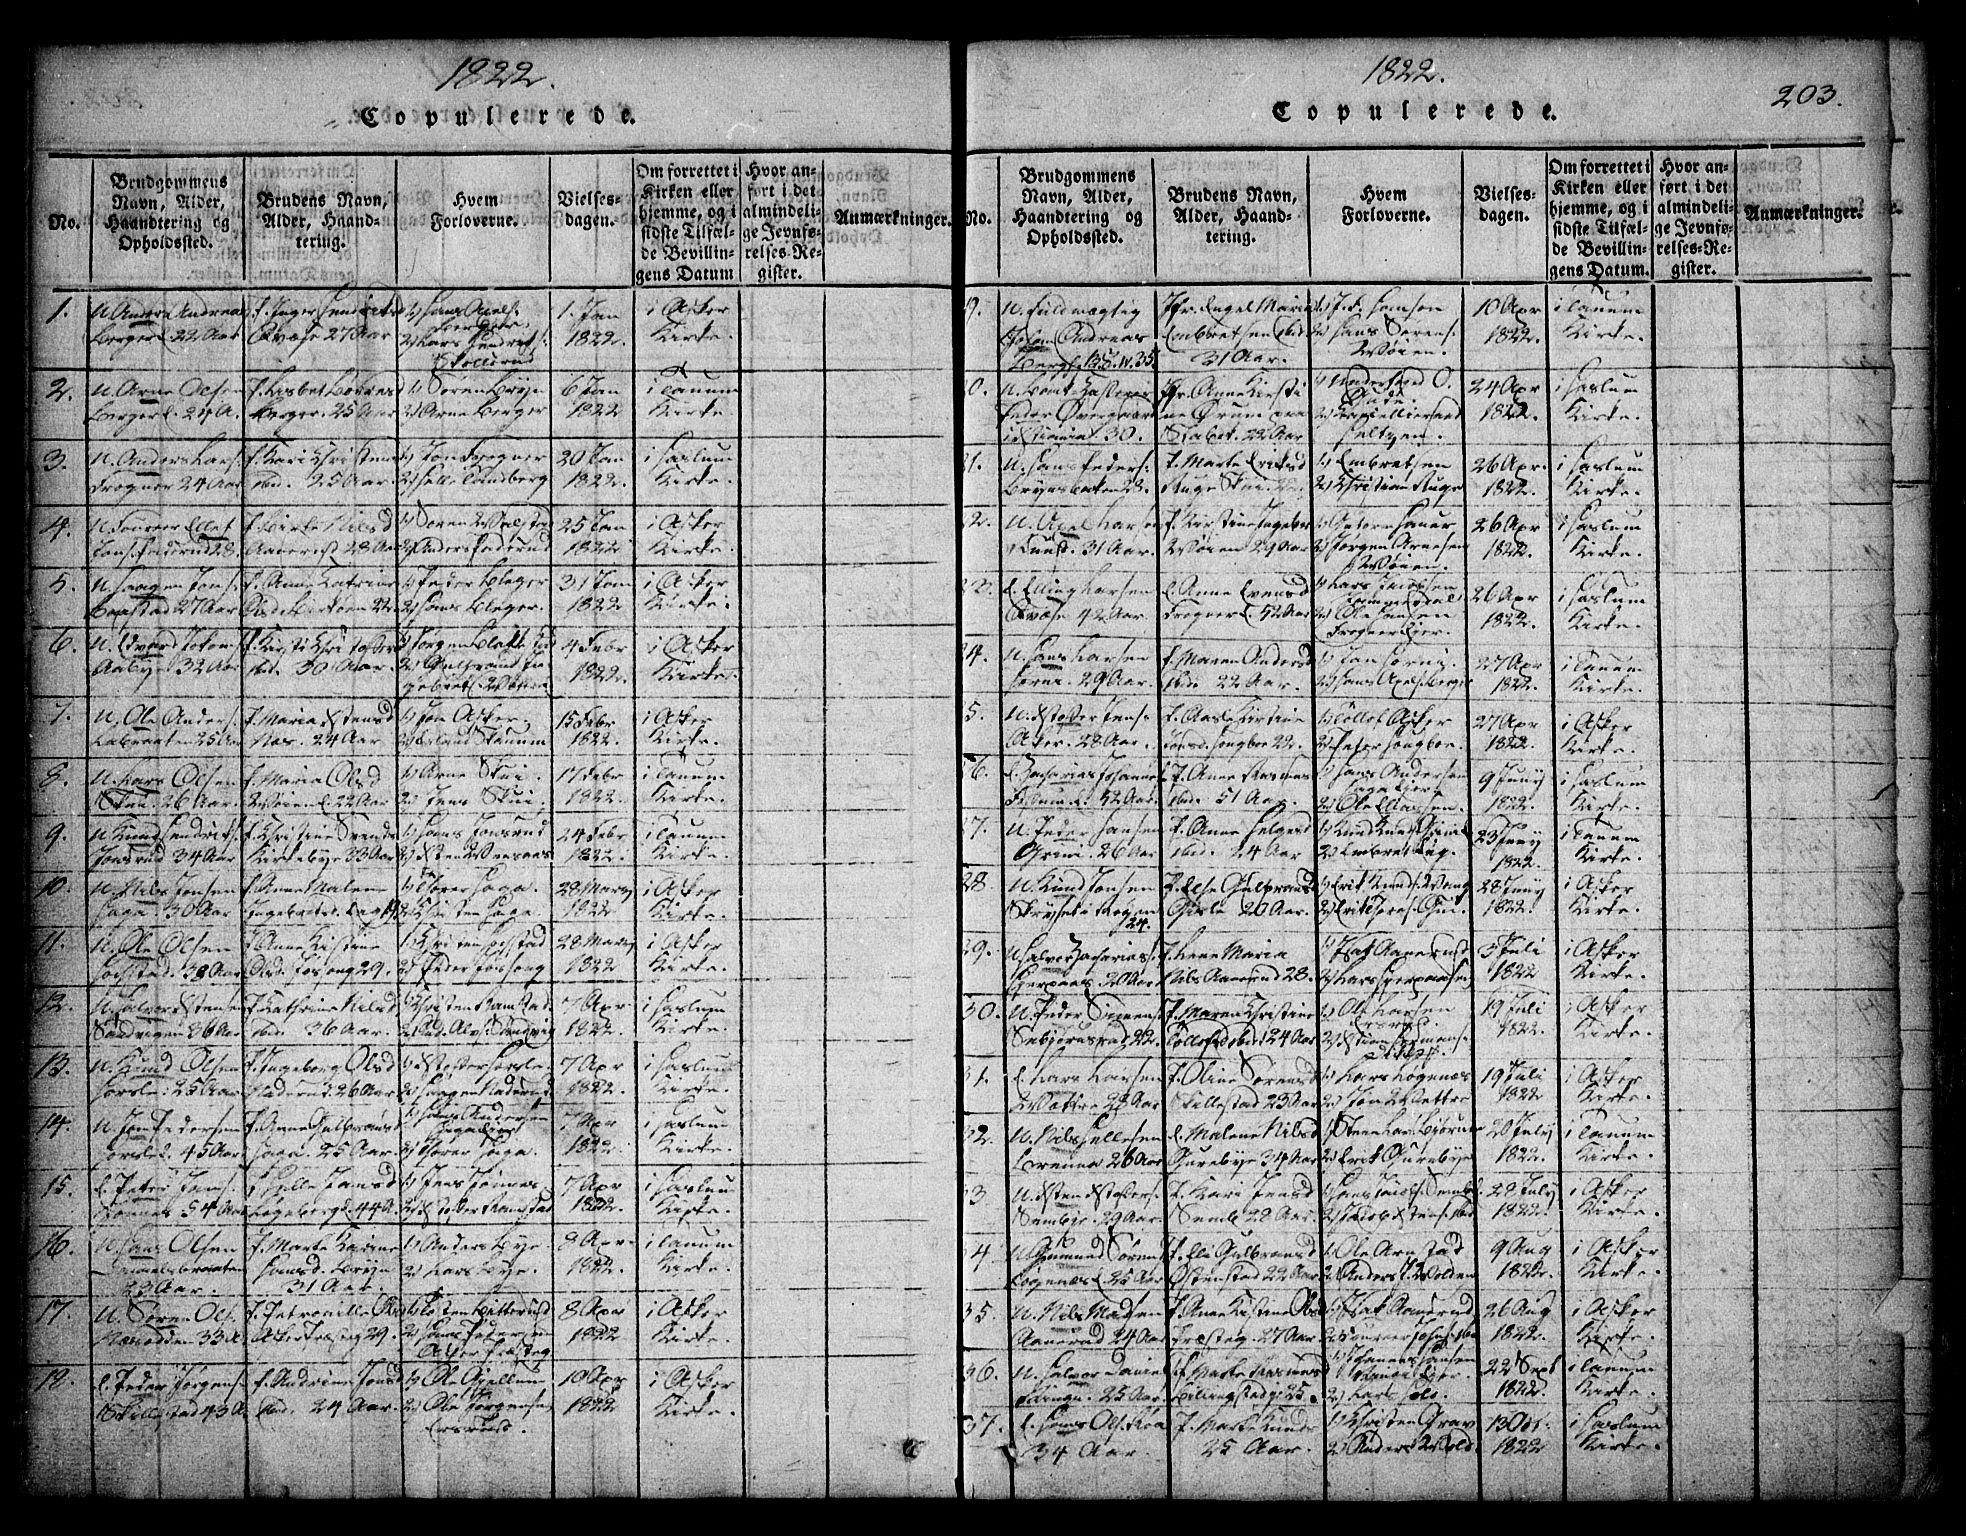 SAO, Asker prestekontor Kirkebøker, F/Fa/L0006: Ministerialbok nr. I 6, 1814-1824, s. 203